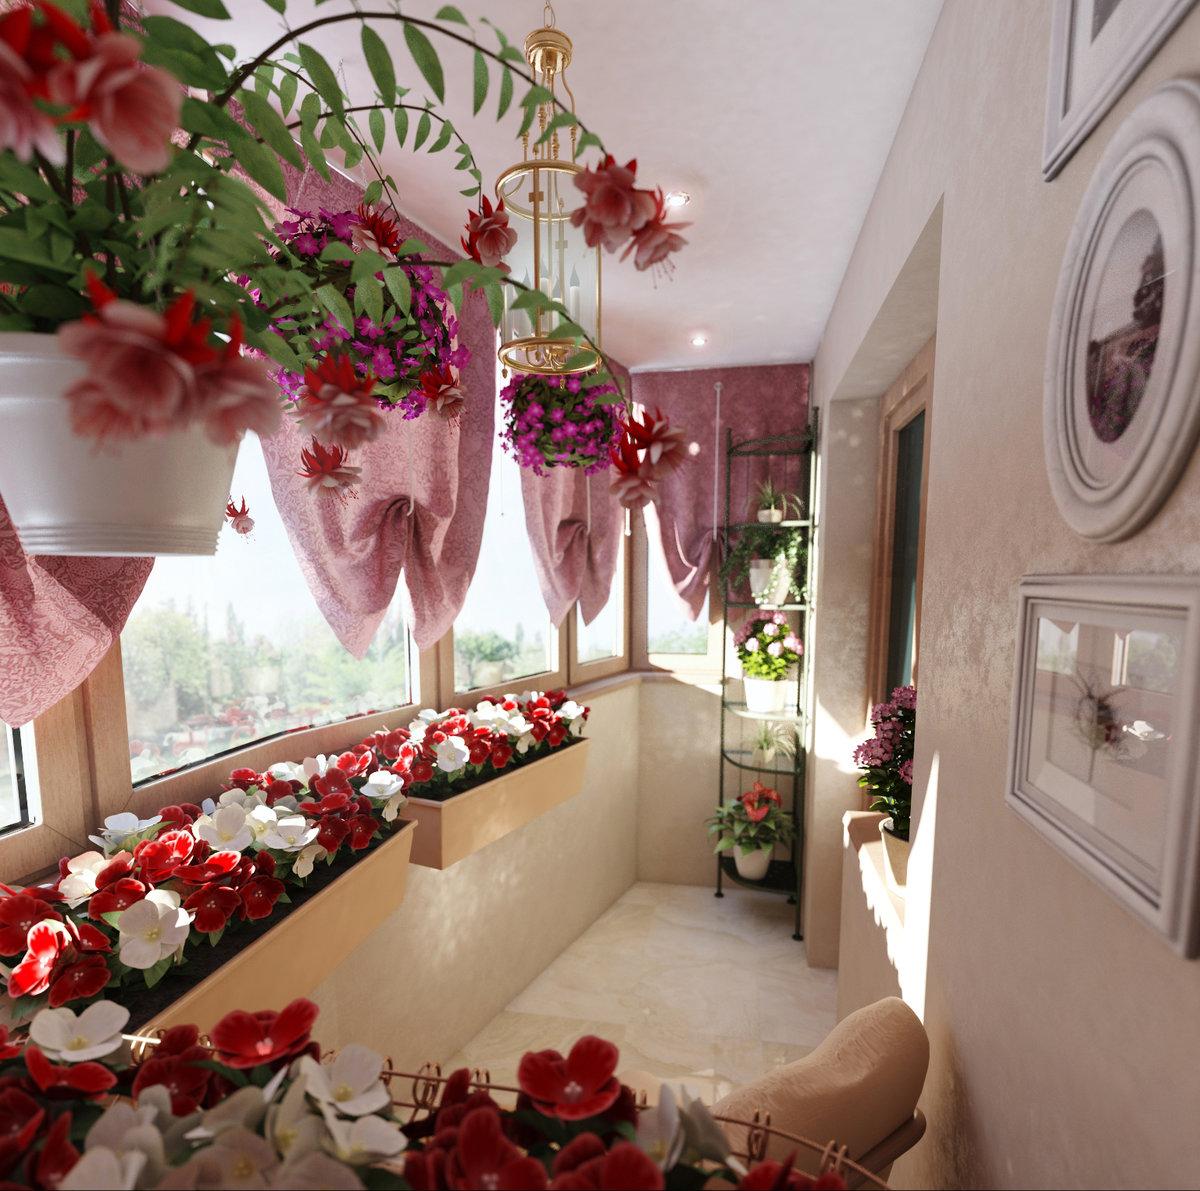 """Красивый дизайн комнаты с цветами"""" - карточка пользователя t."""